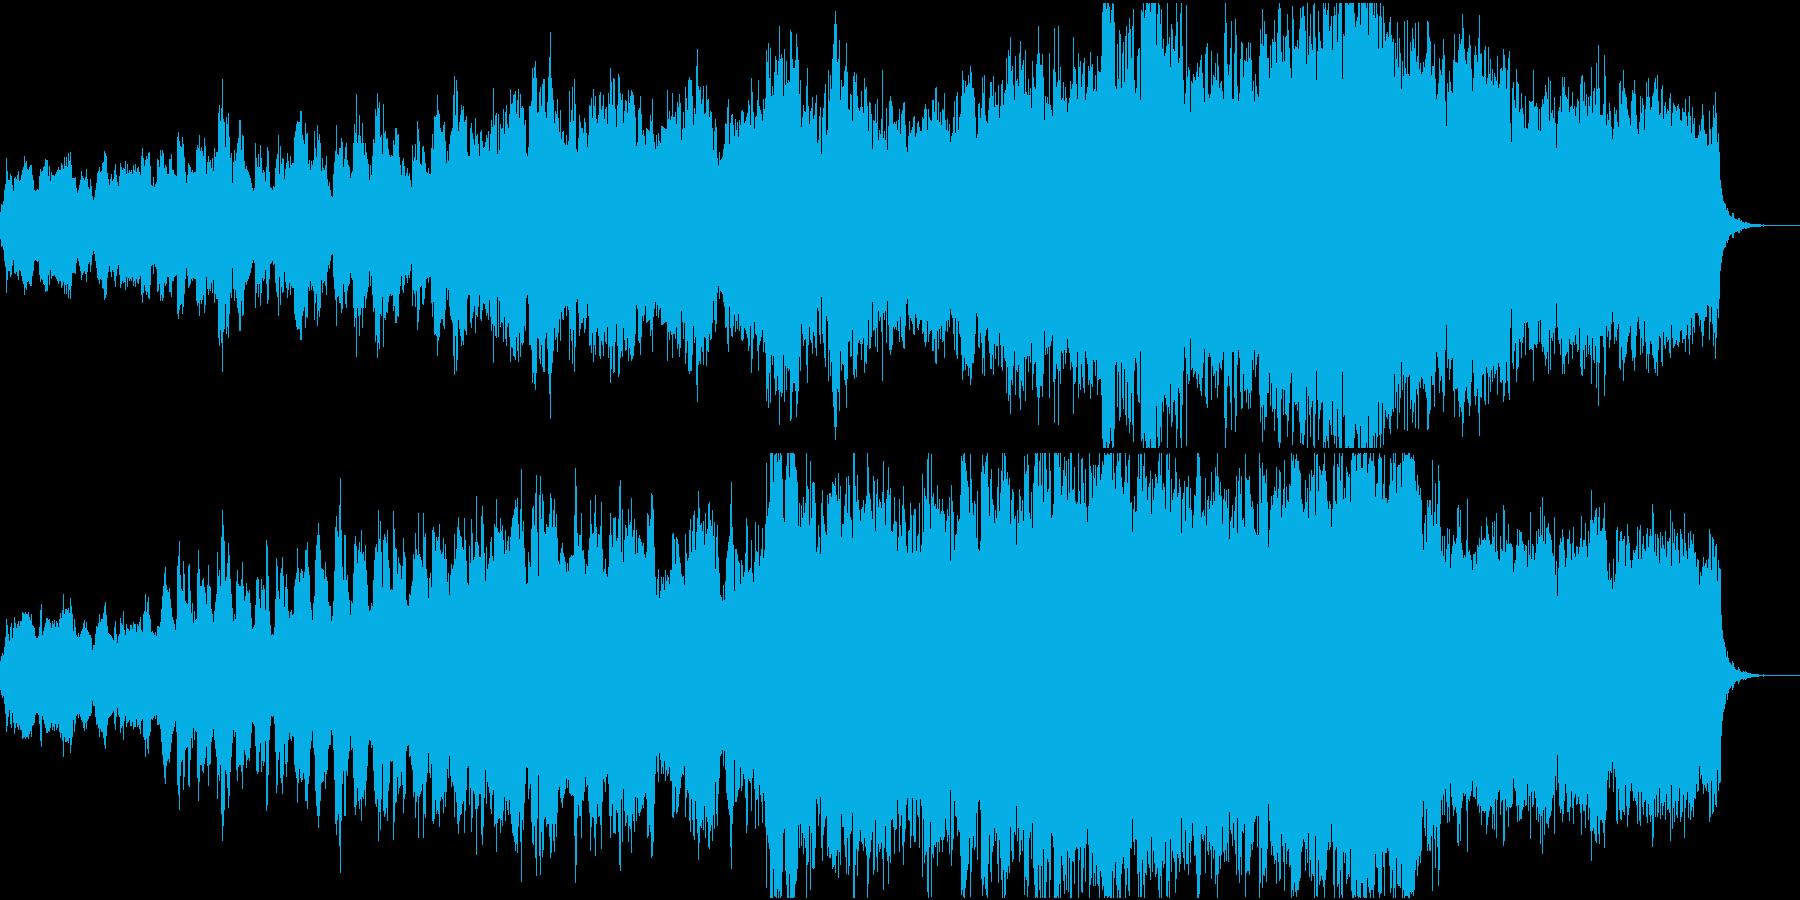 物語が始まるワクワクしたイメージのBGMの再生済みの波形